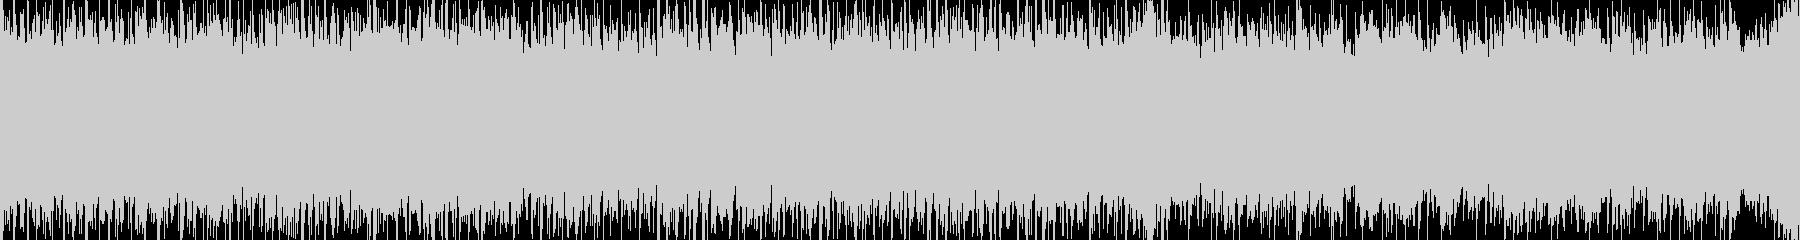 メロディ抜き ループ処理版の未再生の波形